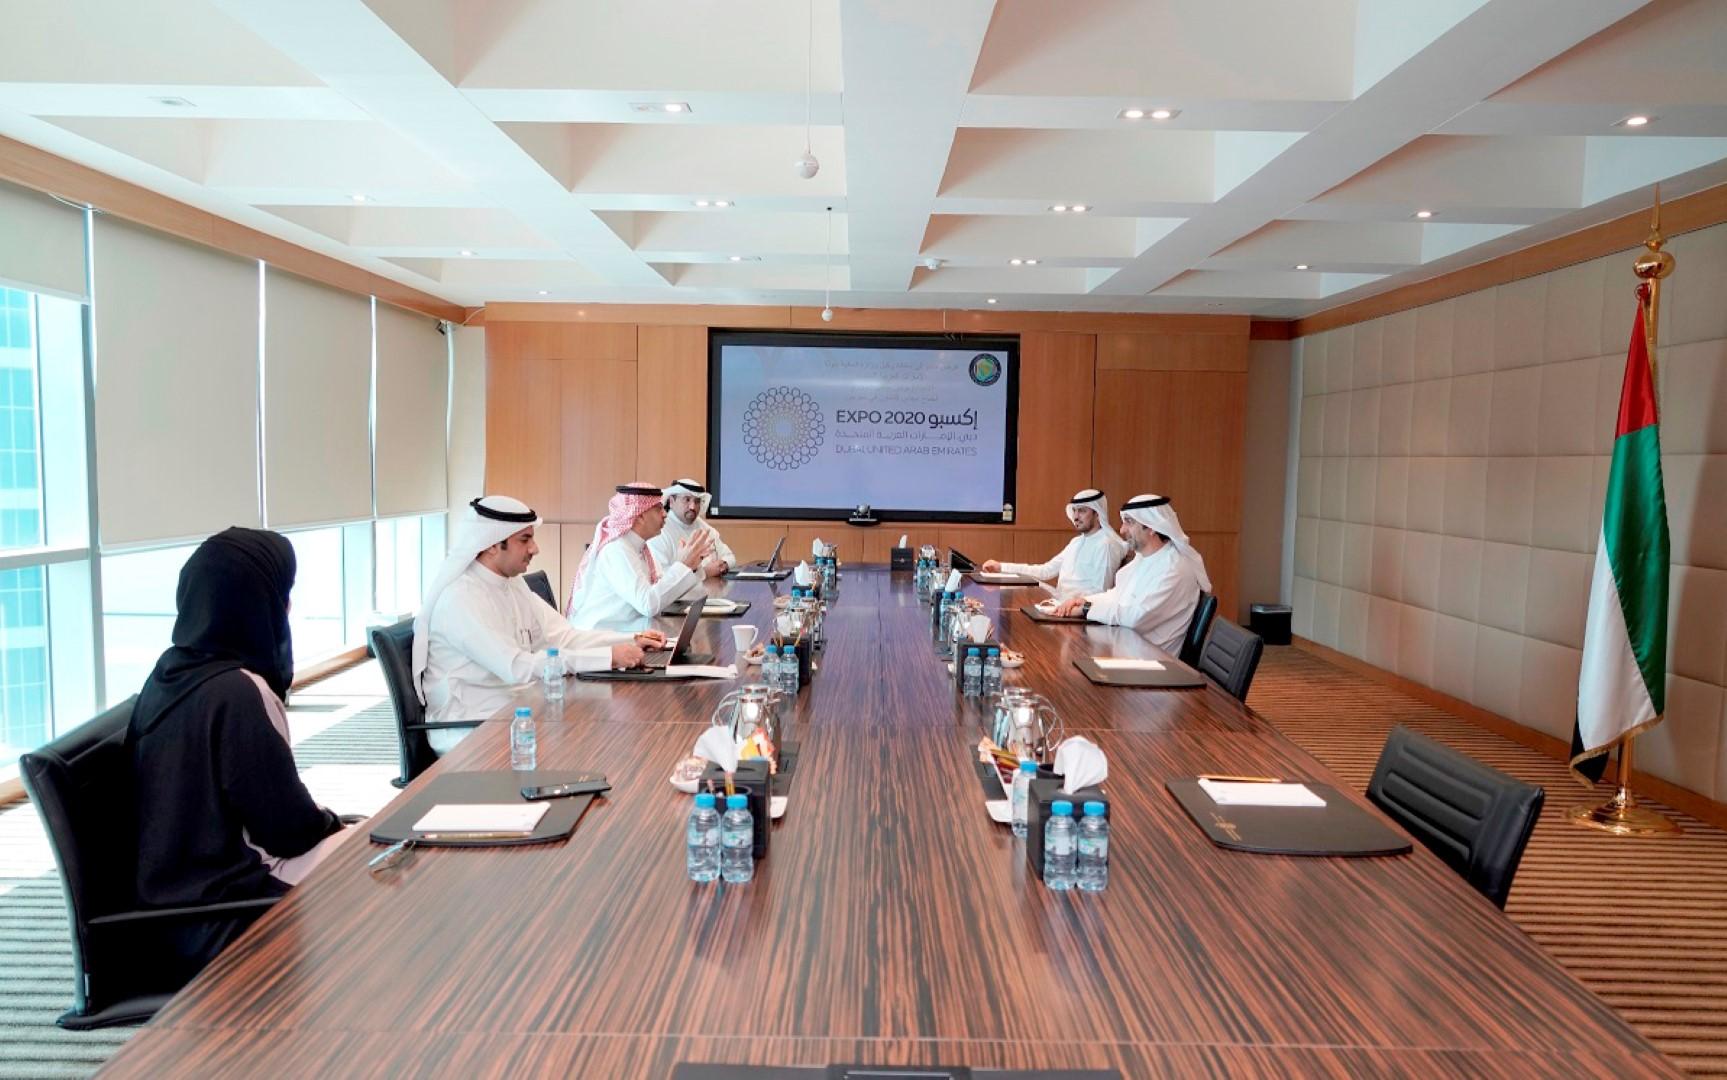 وزارة المالية توقع مذكرة تفاهم مع الأمانة العامة لمجلس التعاون لدول الخليج العربية